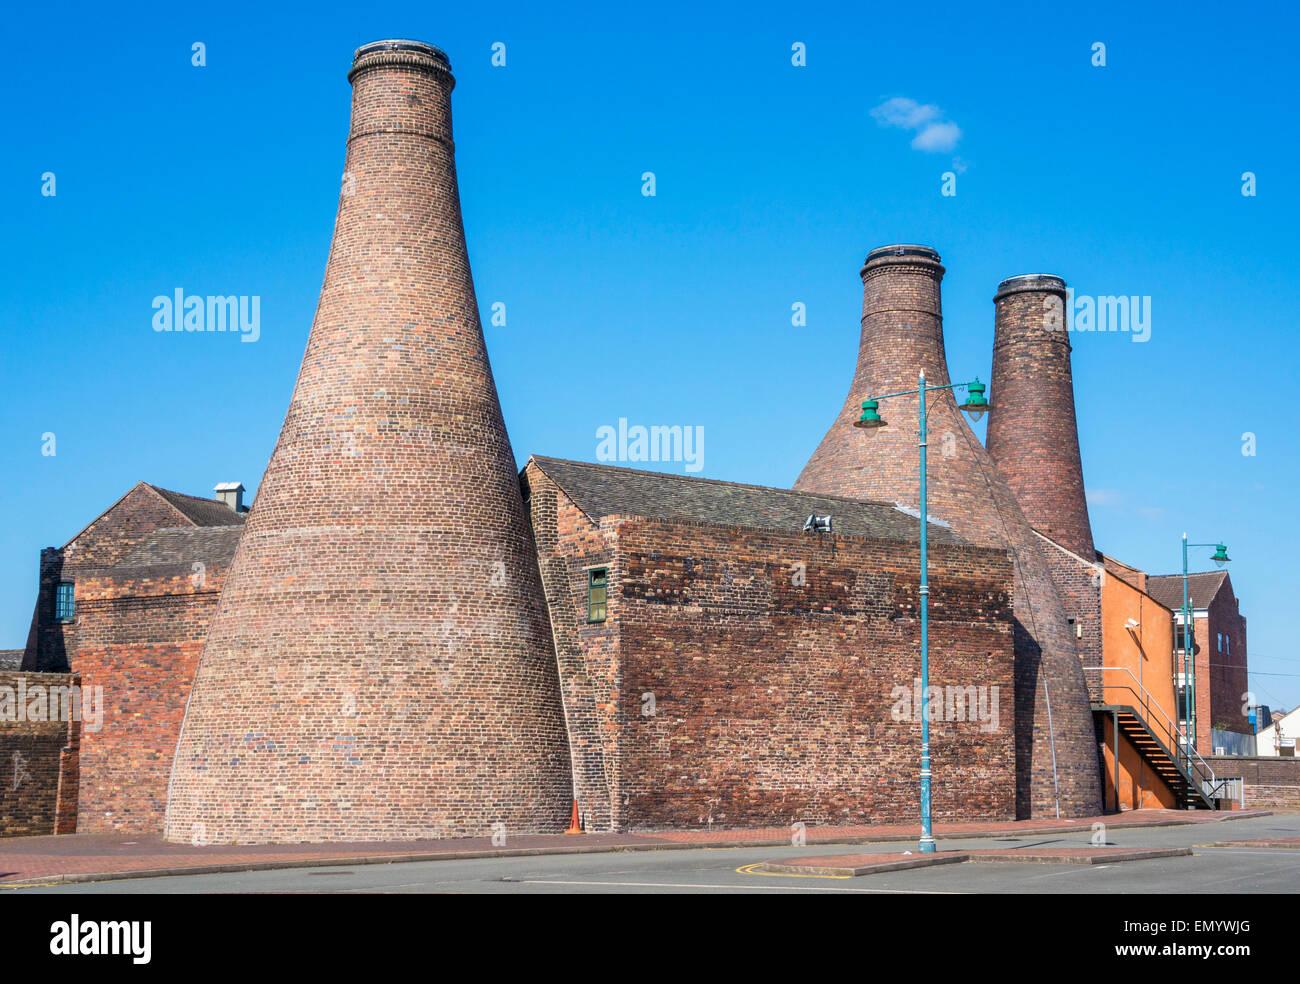 Gladstone Pottery Museum Stoke on Trent Staffordshire England GB UK EU Europe - Stock Image